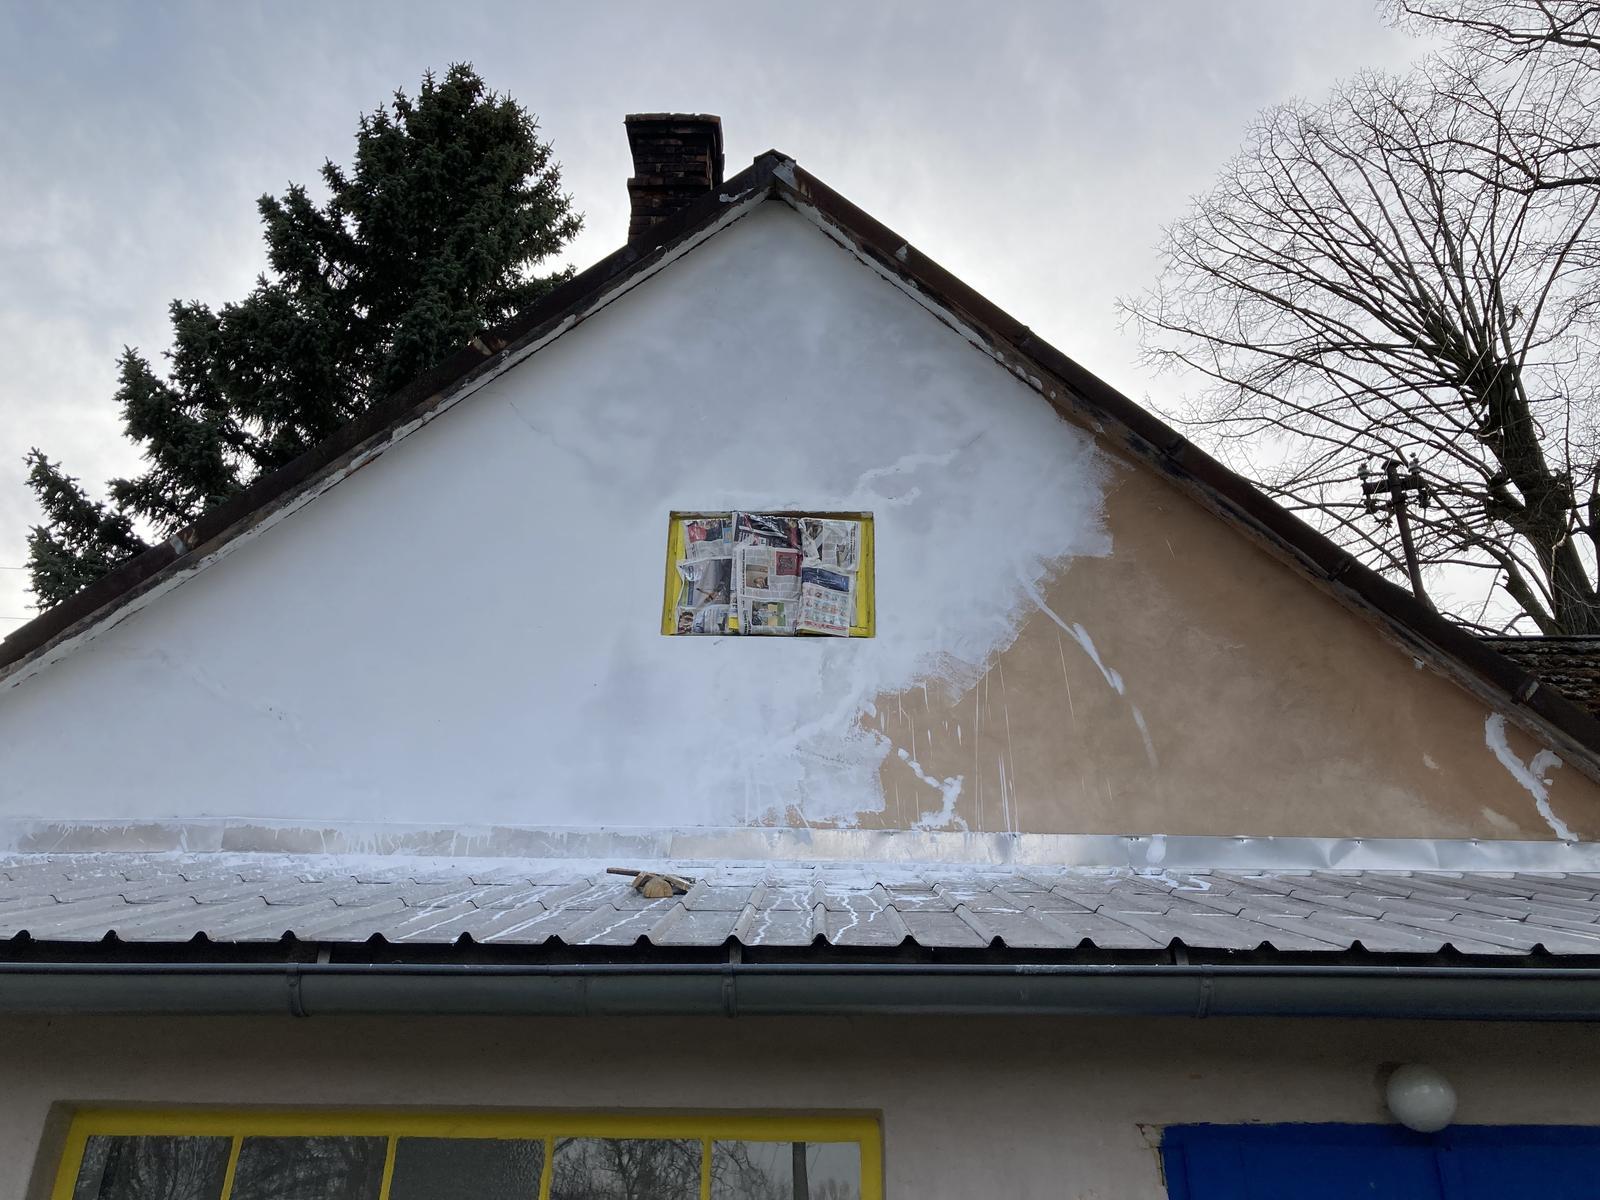 Dom - ...začala som maľovať štít....